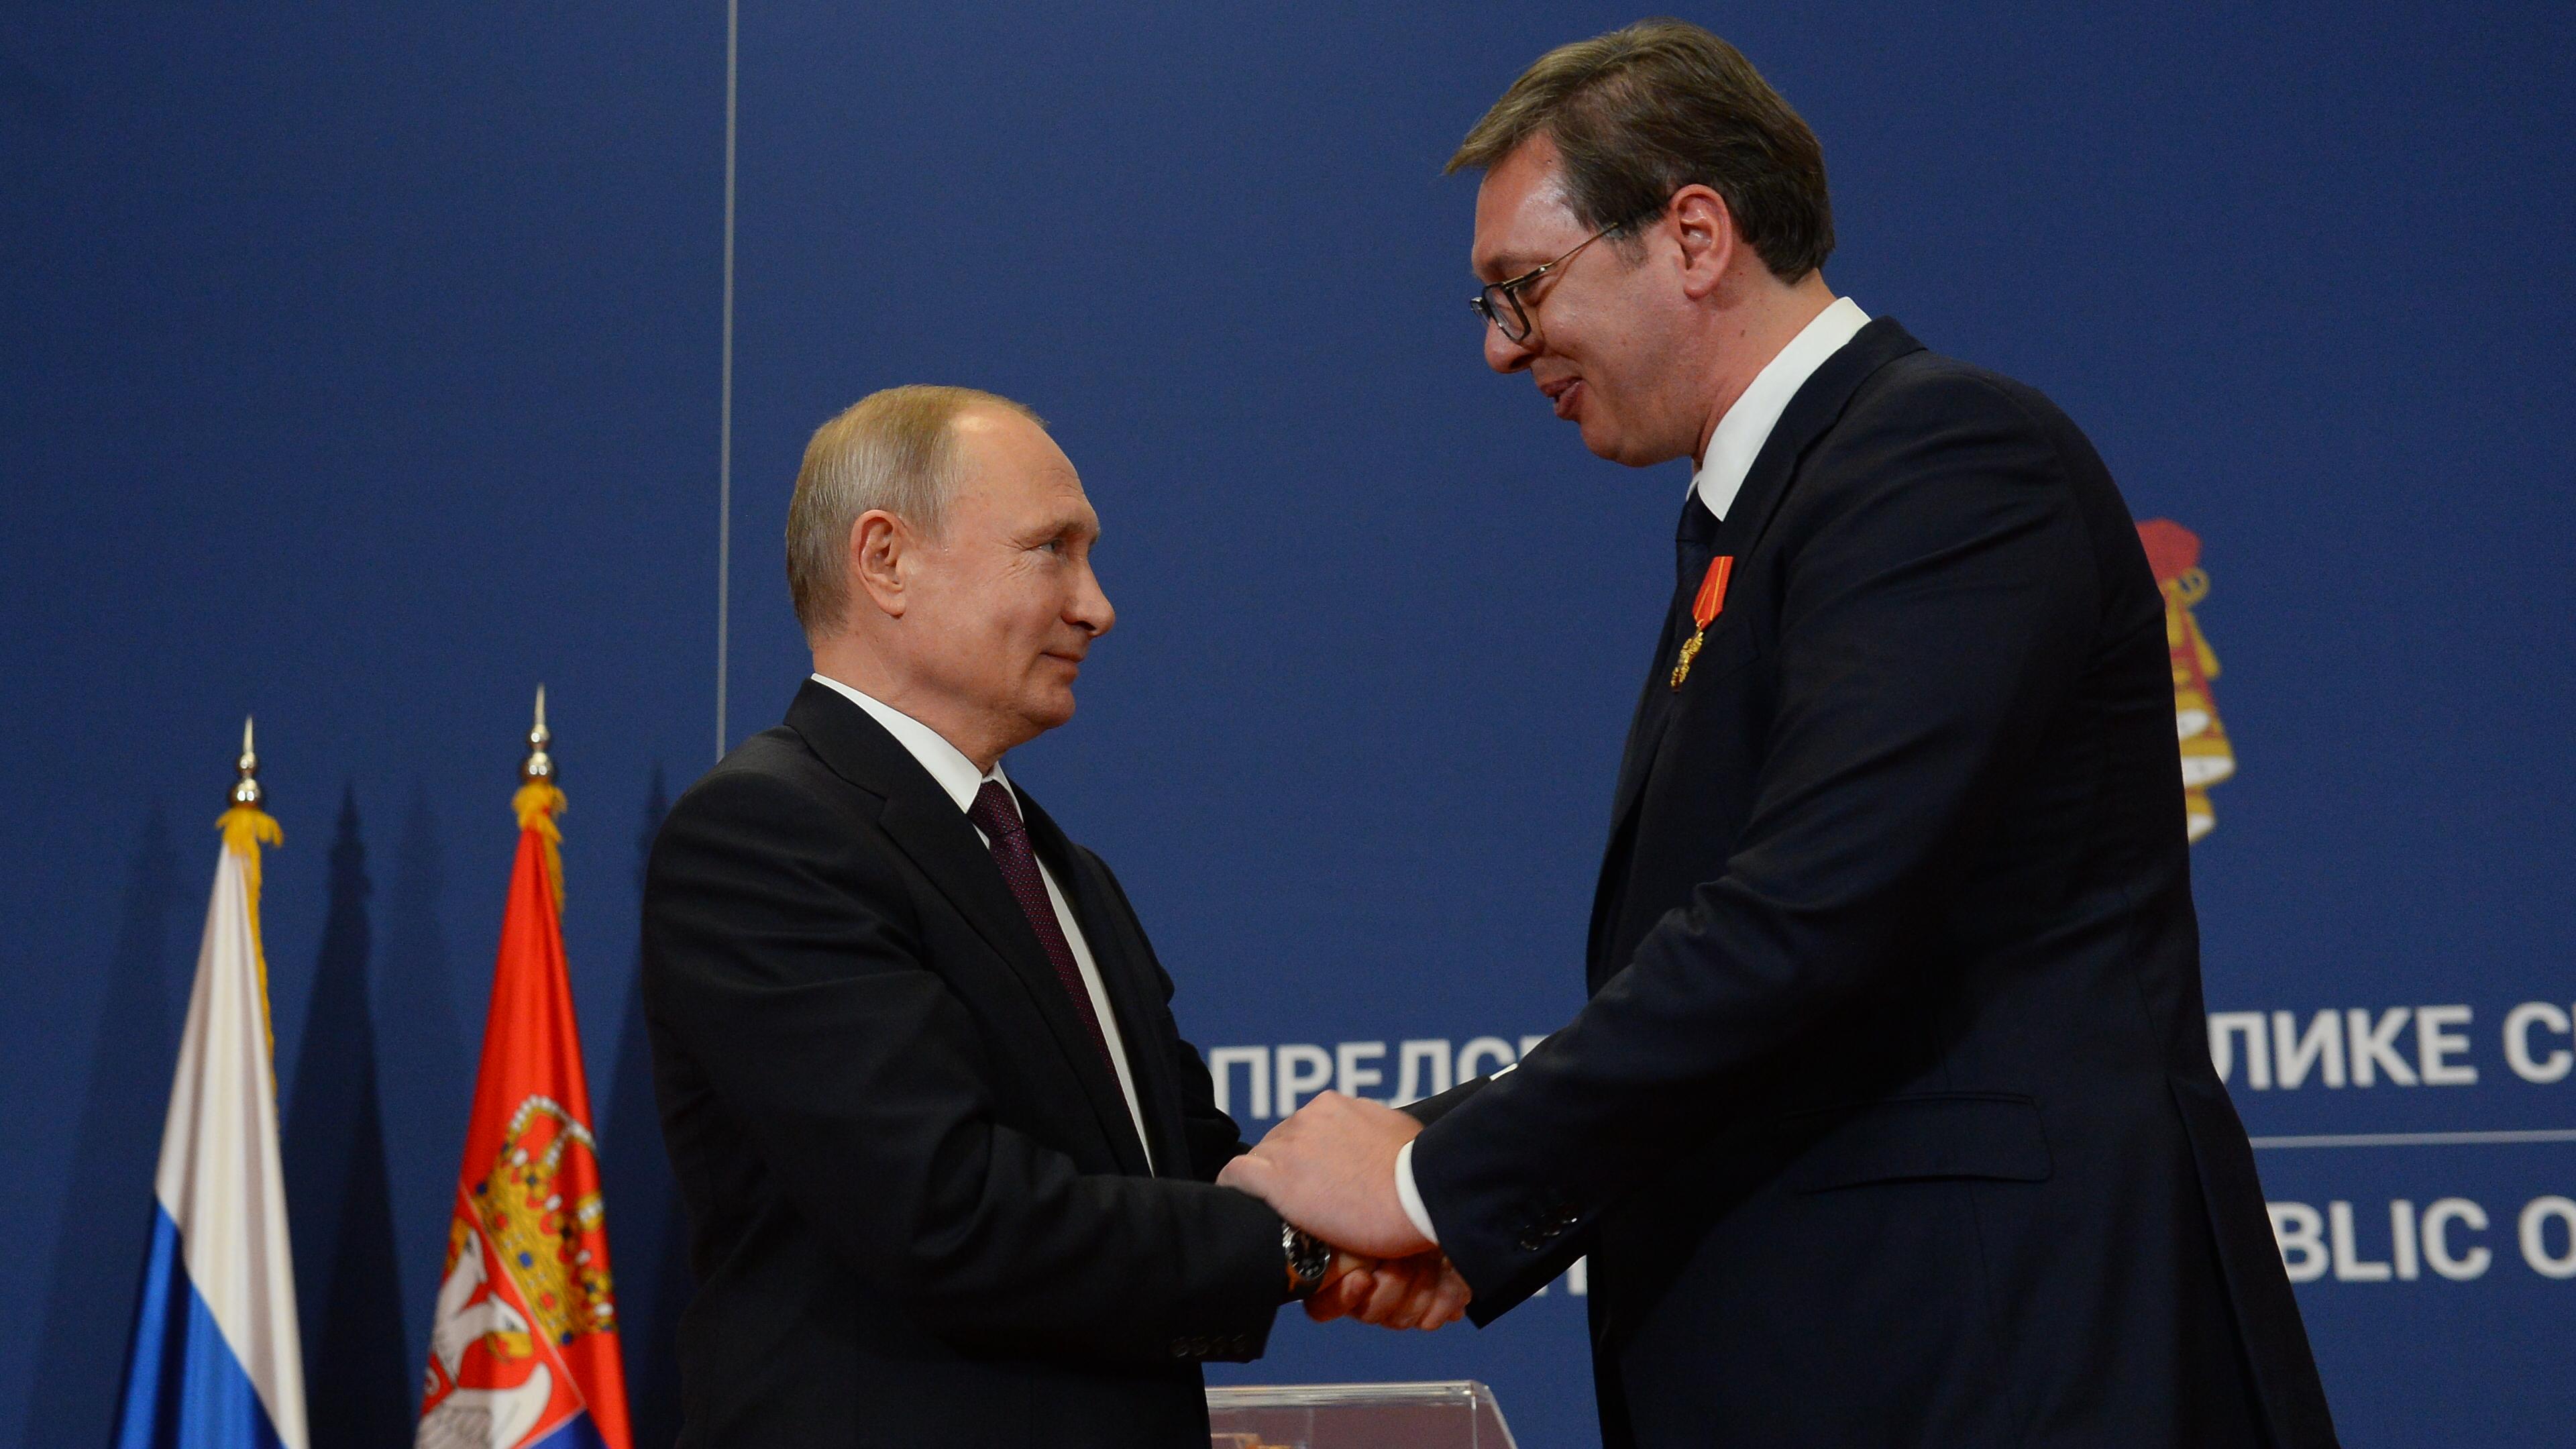 Ruski predsednik Vladimir Putin urucio je predsedniku Srbije Aleksandru Vucicu Orden Aleksandra Nevskog.